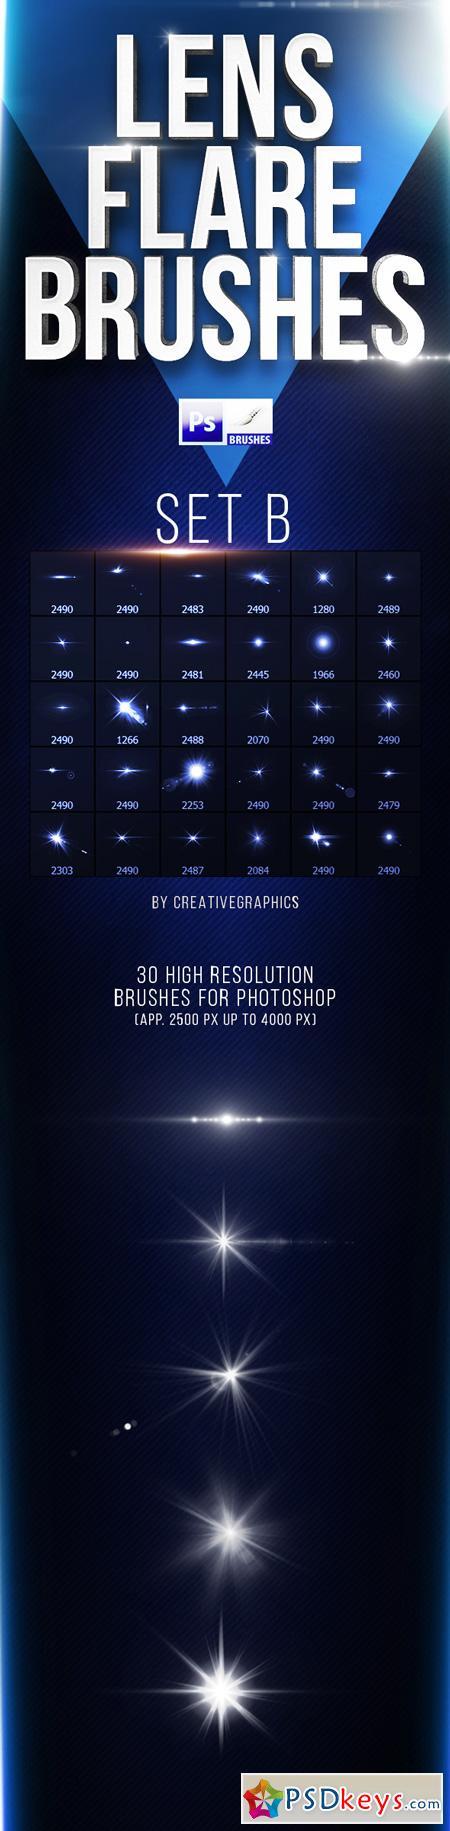 30 Lens Flare Brushes for Photoshop Set B 22163004